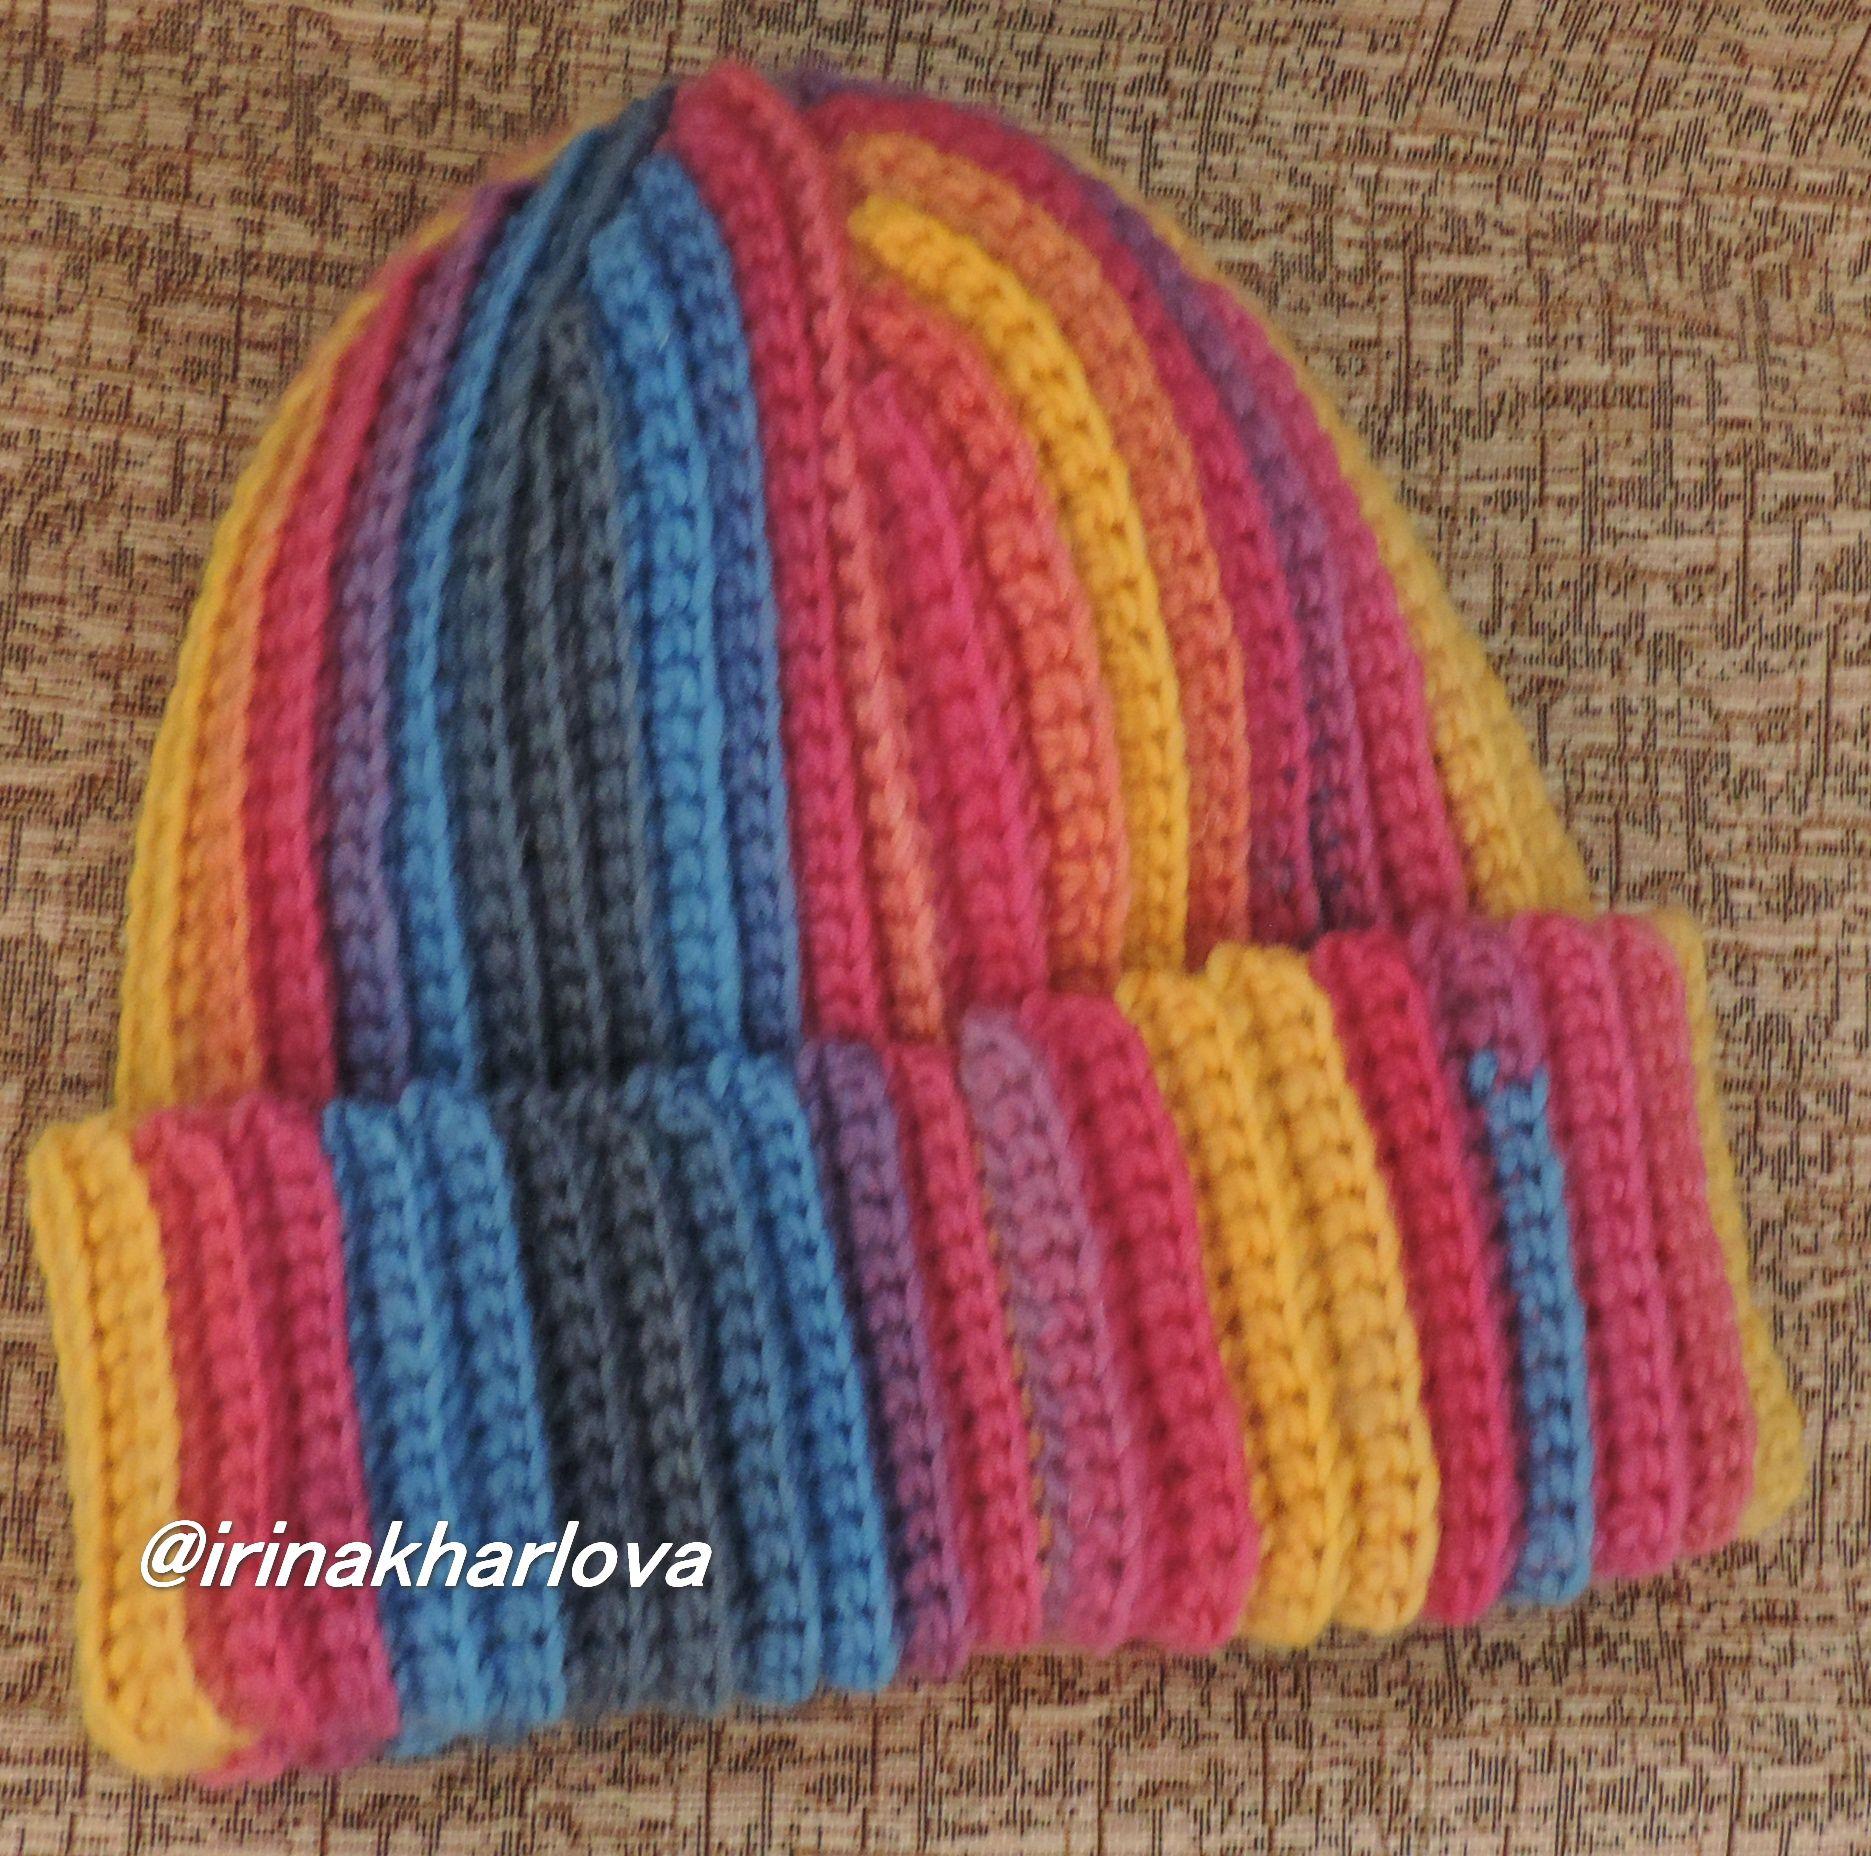 женщине подарок крючок стильнаяшапка купитьшапку яркаяшапка красиваяшапка шапка весна девушке вязаниеназаказ вязаниекрючком